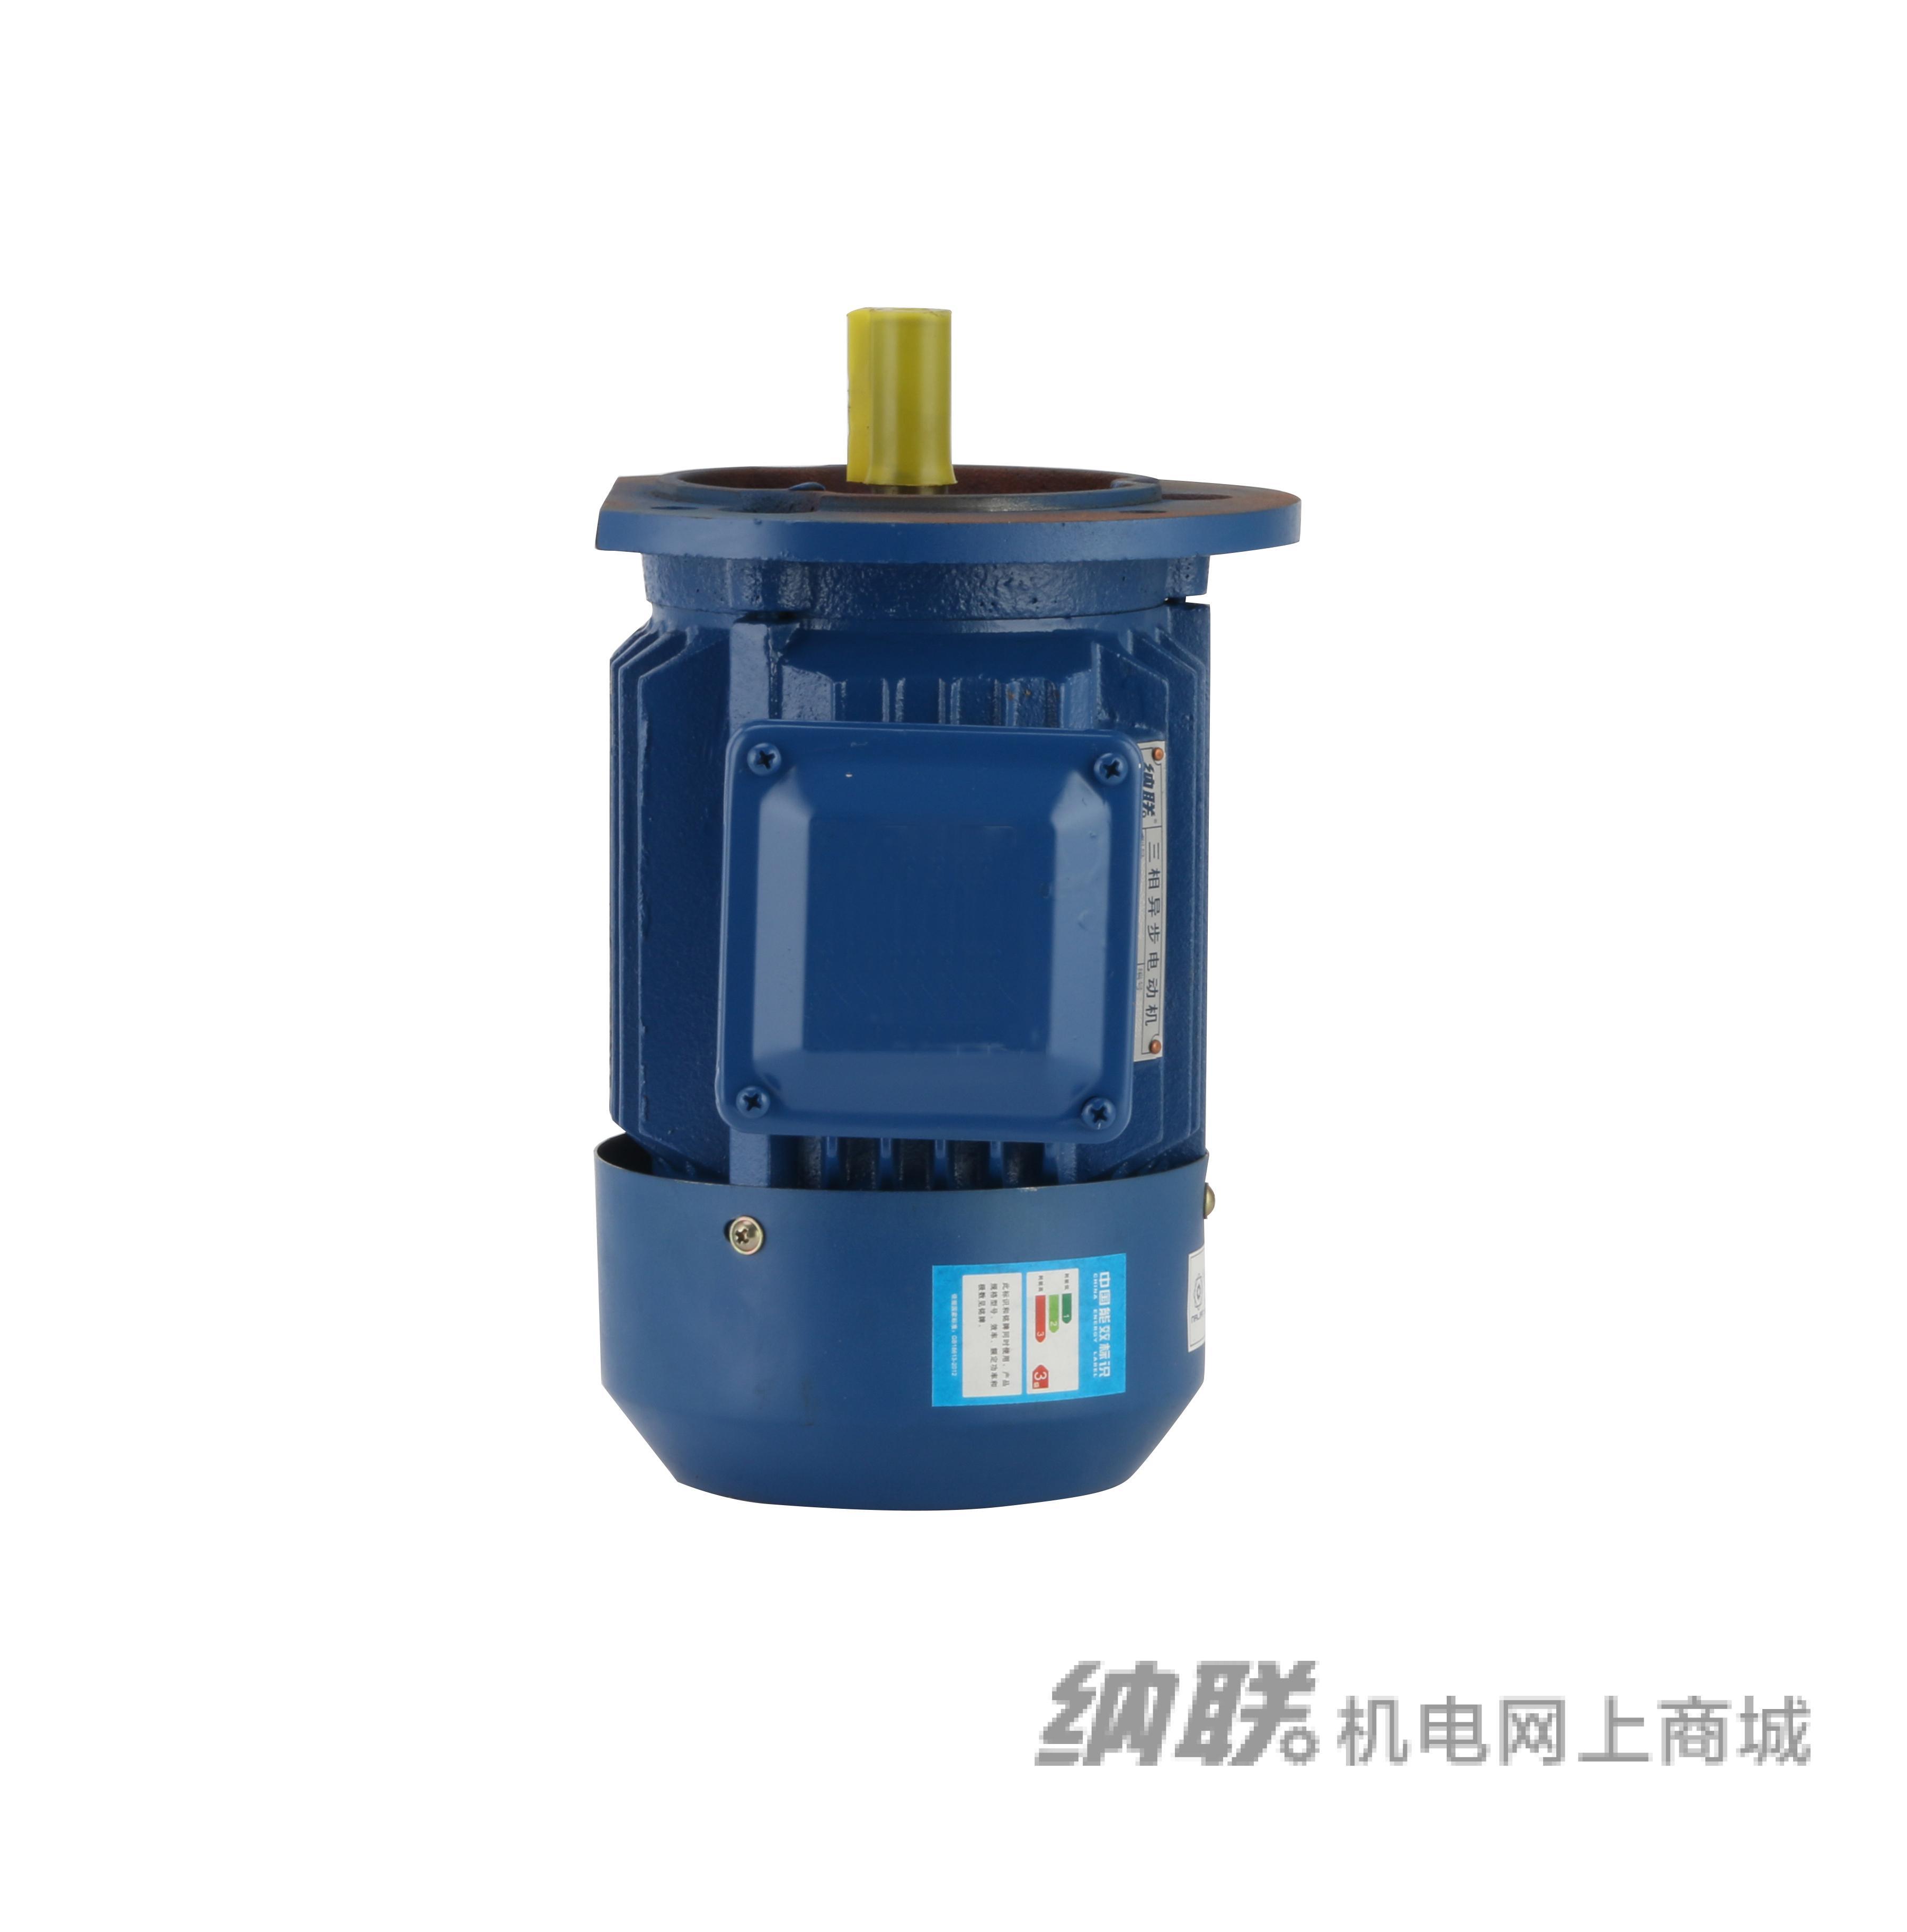 纳联机电 YE2系列电机-YE2-132S2-2/7.5(立式)